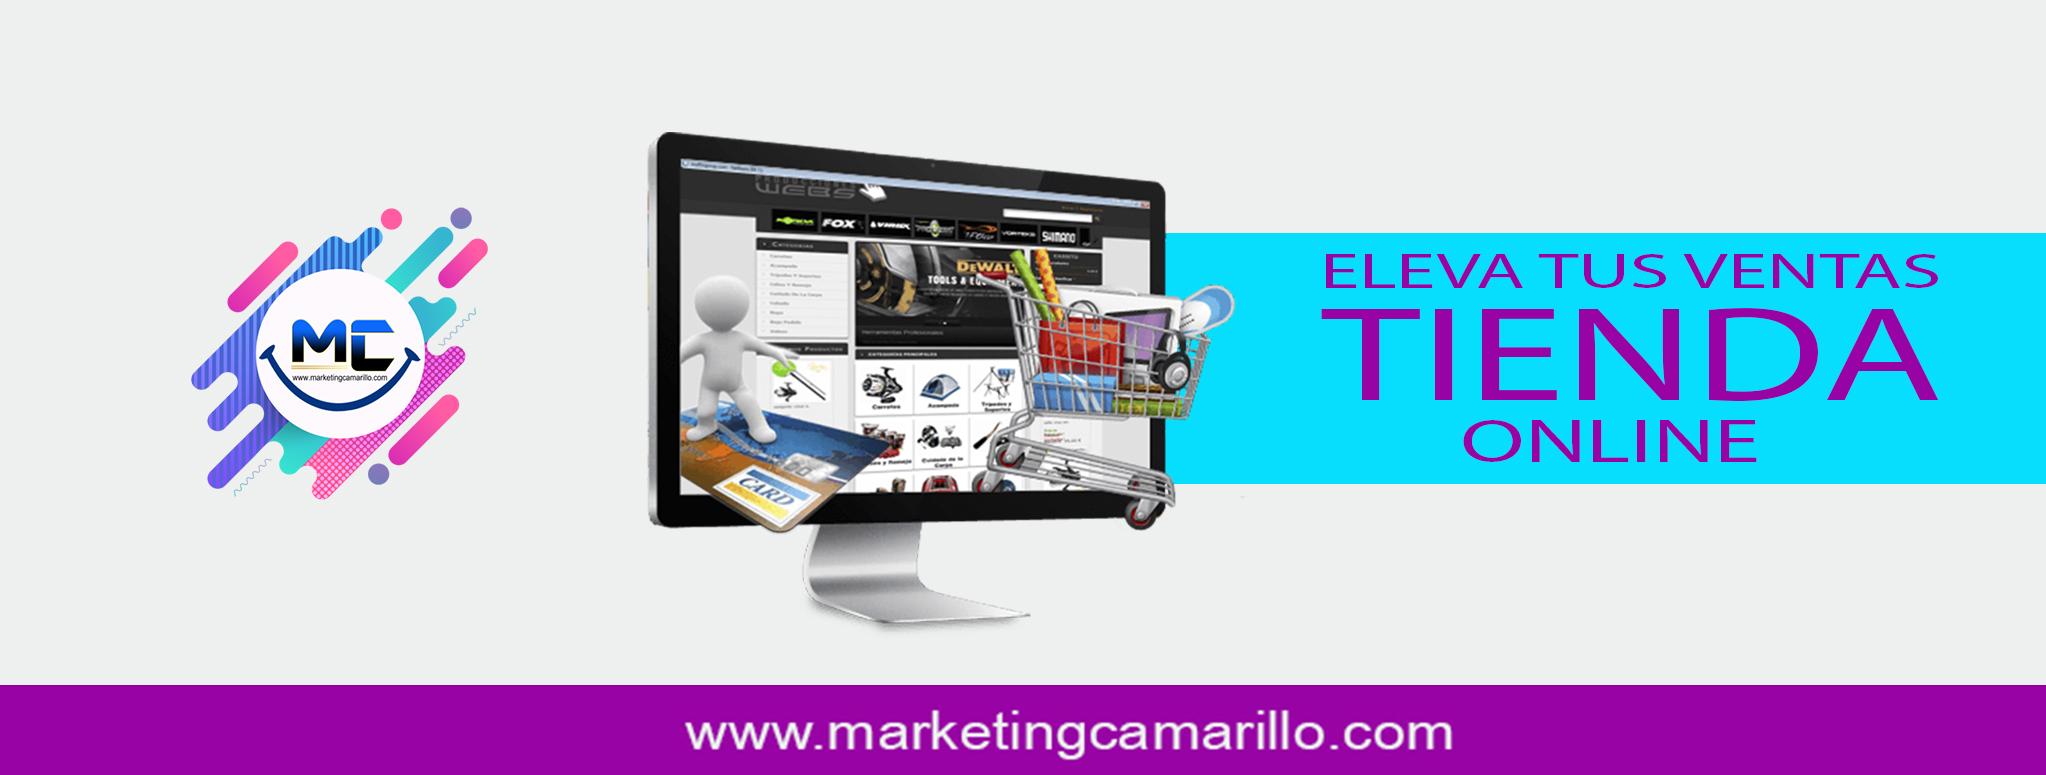 AGENCIA DE MARKETING-CAMARILLO-TIENDA ON LINE